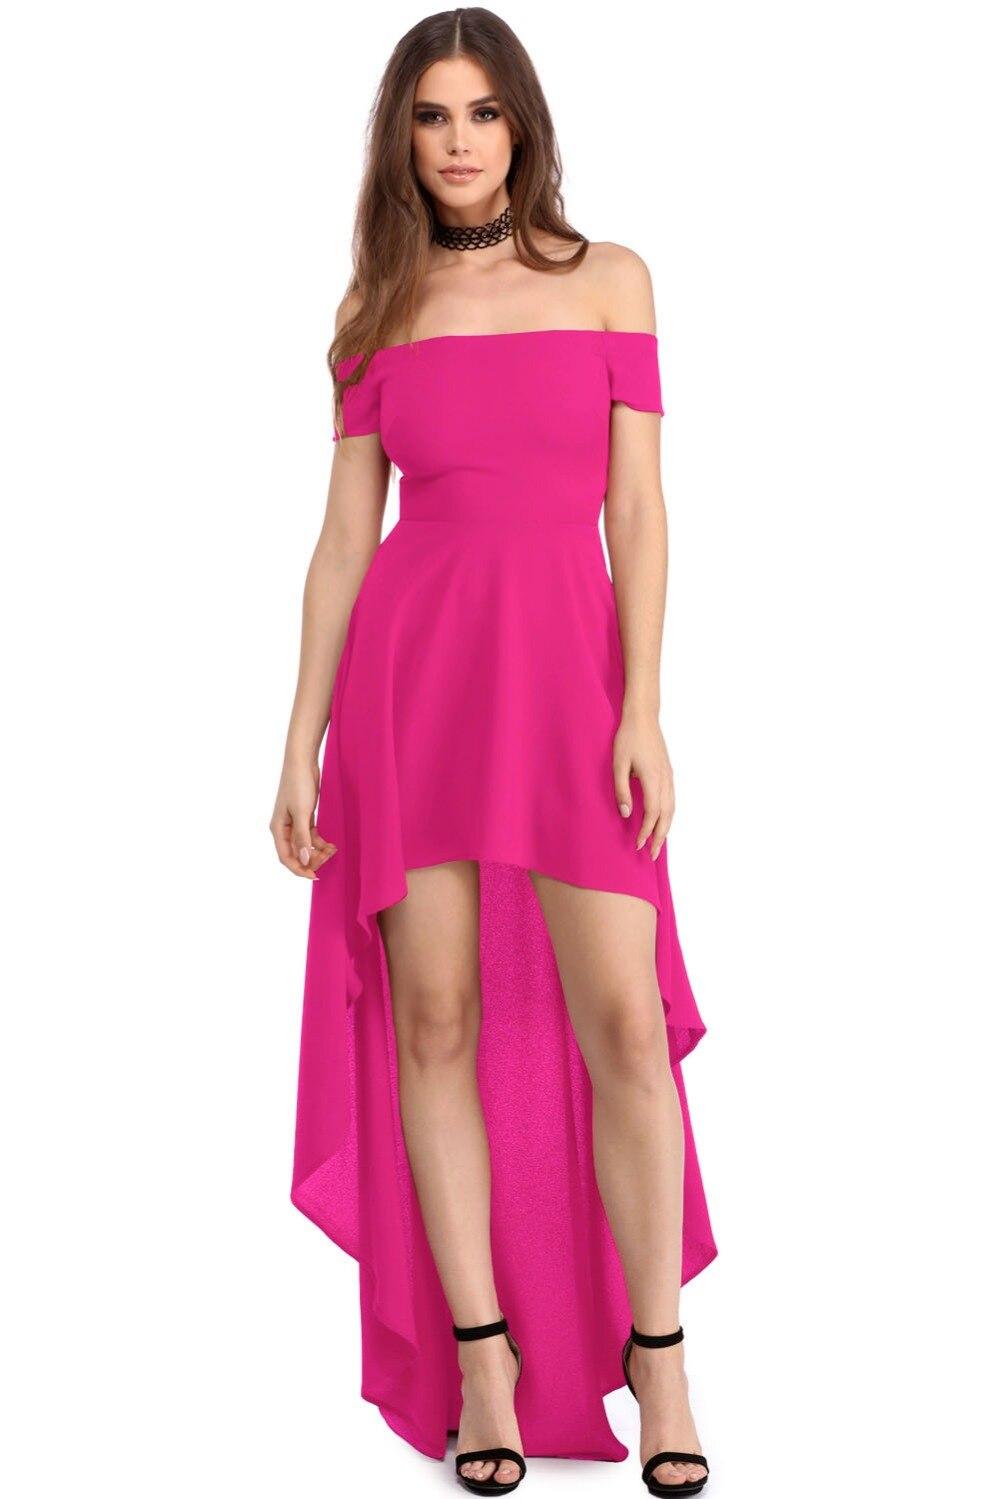 Dearlove 2017 sexy mujer vestidos de noche vestidos de fiesta ...